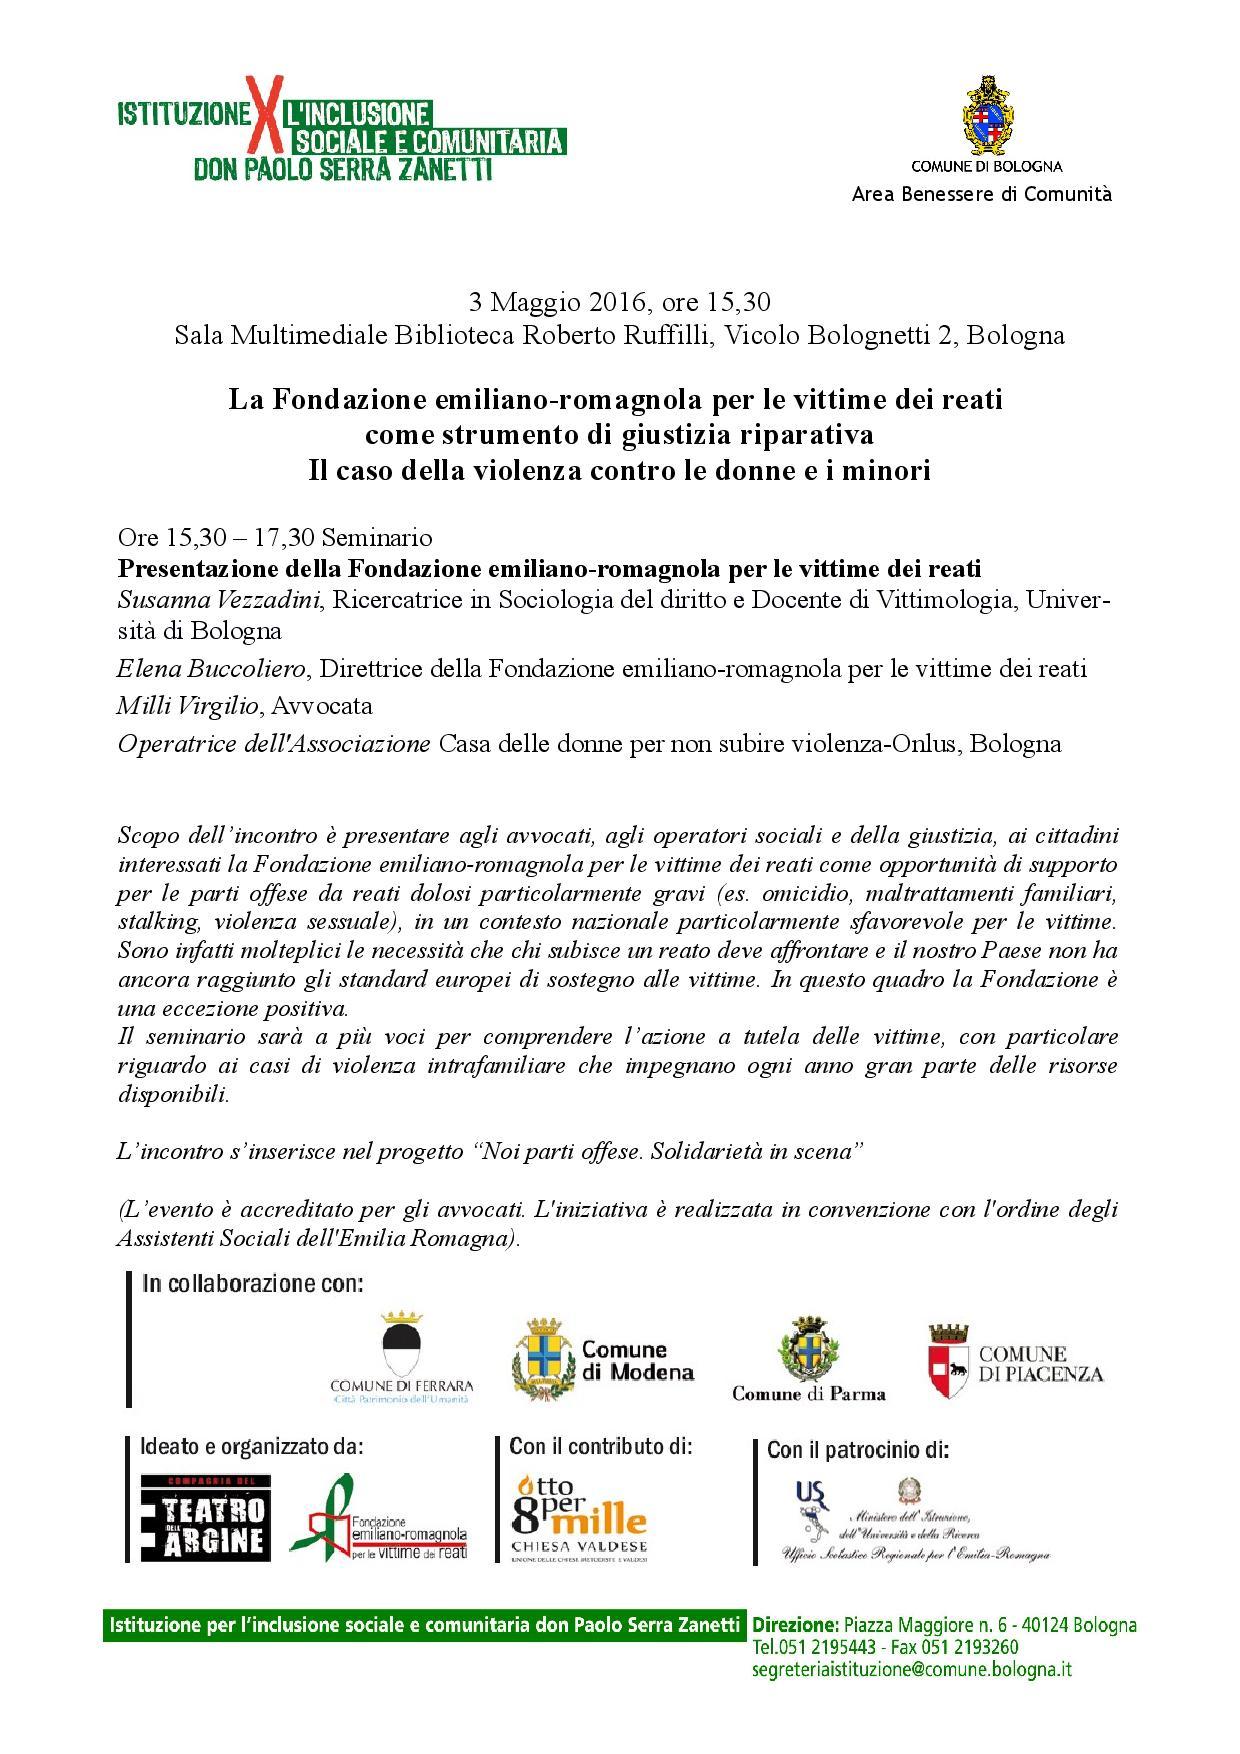 La Fondazione emiliano-romagnola per le vittime dei reati come strumento di giustizia riparativa Il caso della violenza contro le donne e i minori